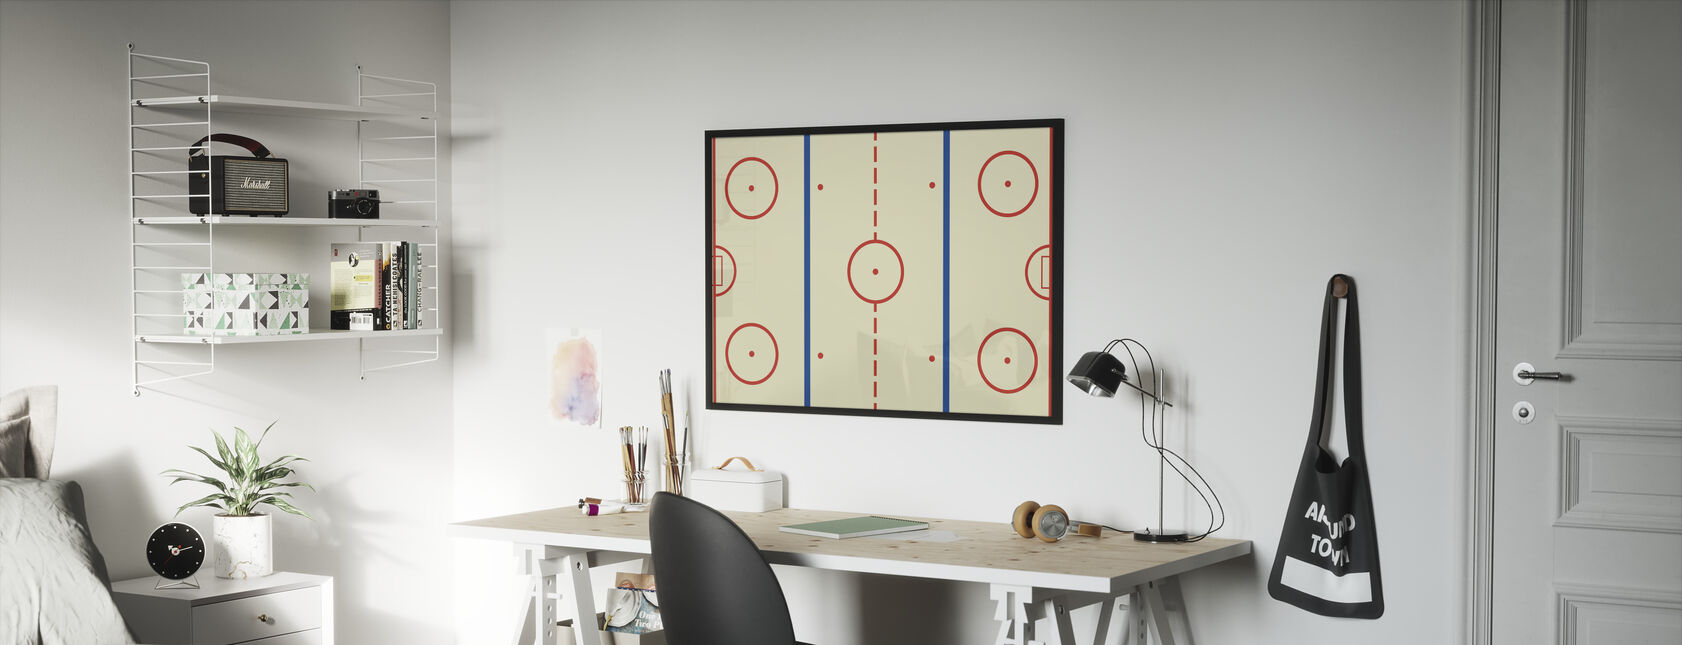 Jääkiekkohalli - Kehystetty kuva - Lastenhuone